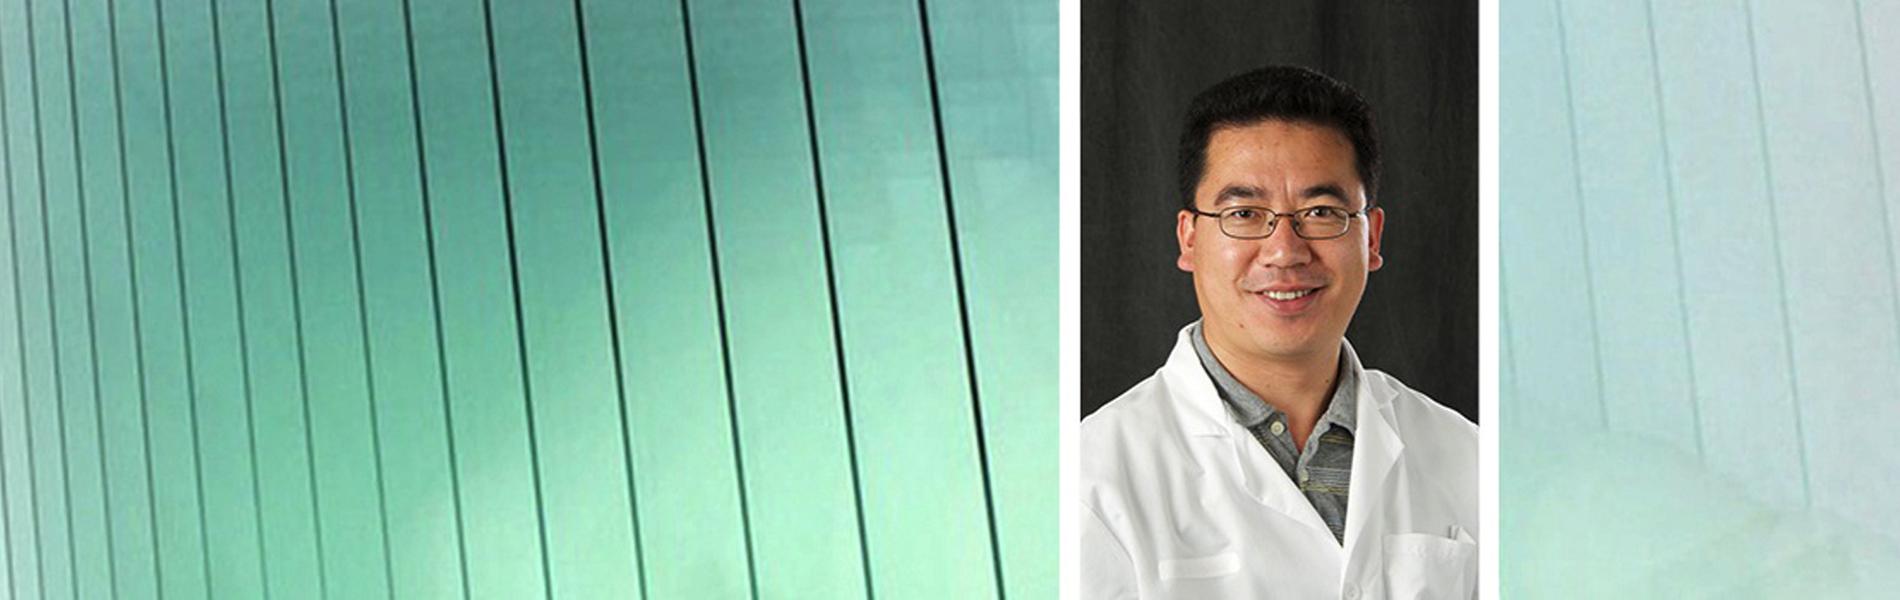 Dr. Weizhou Zhang